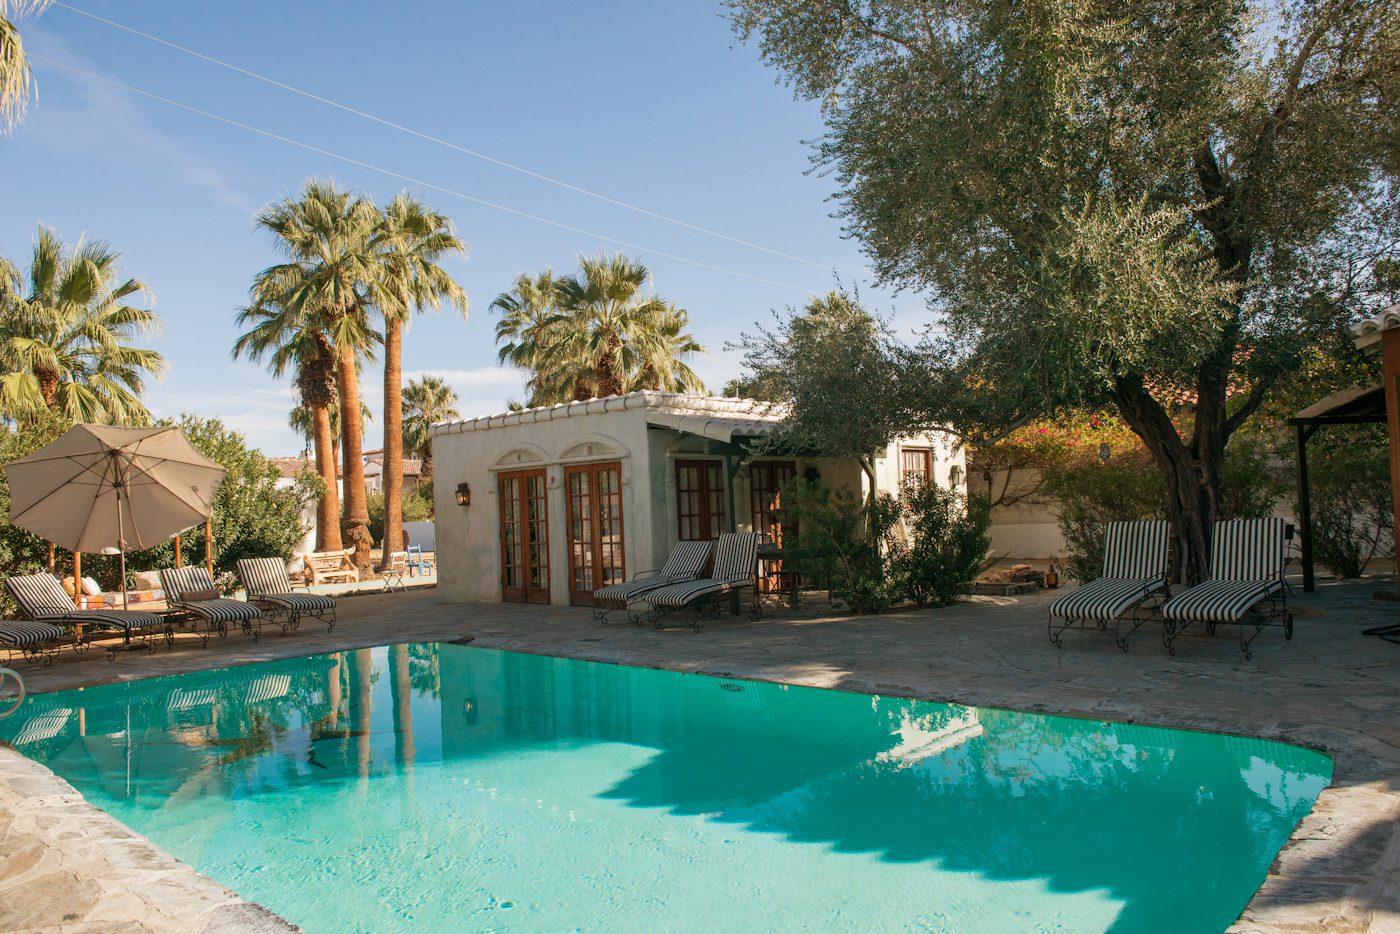 Korakia Pensionepalm springs pool